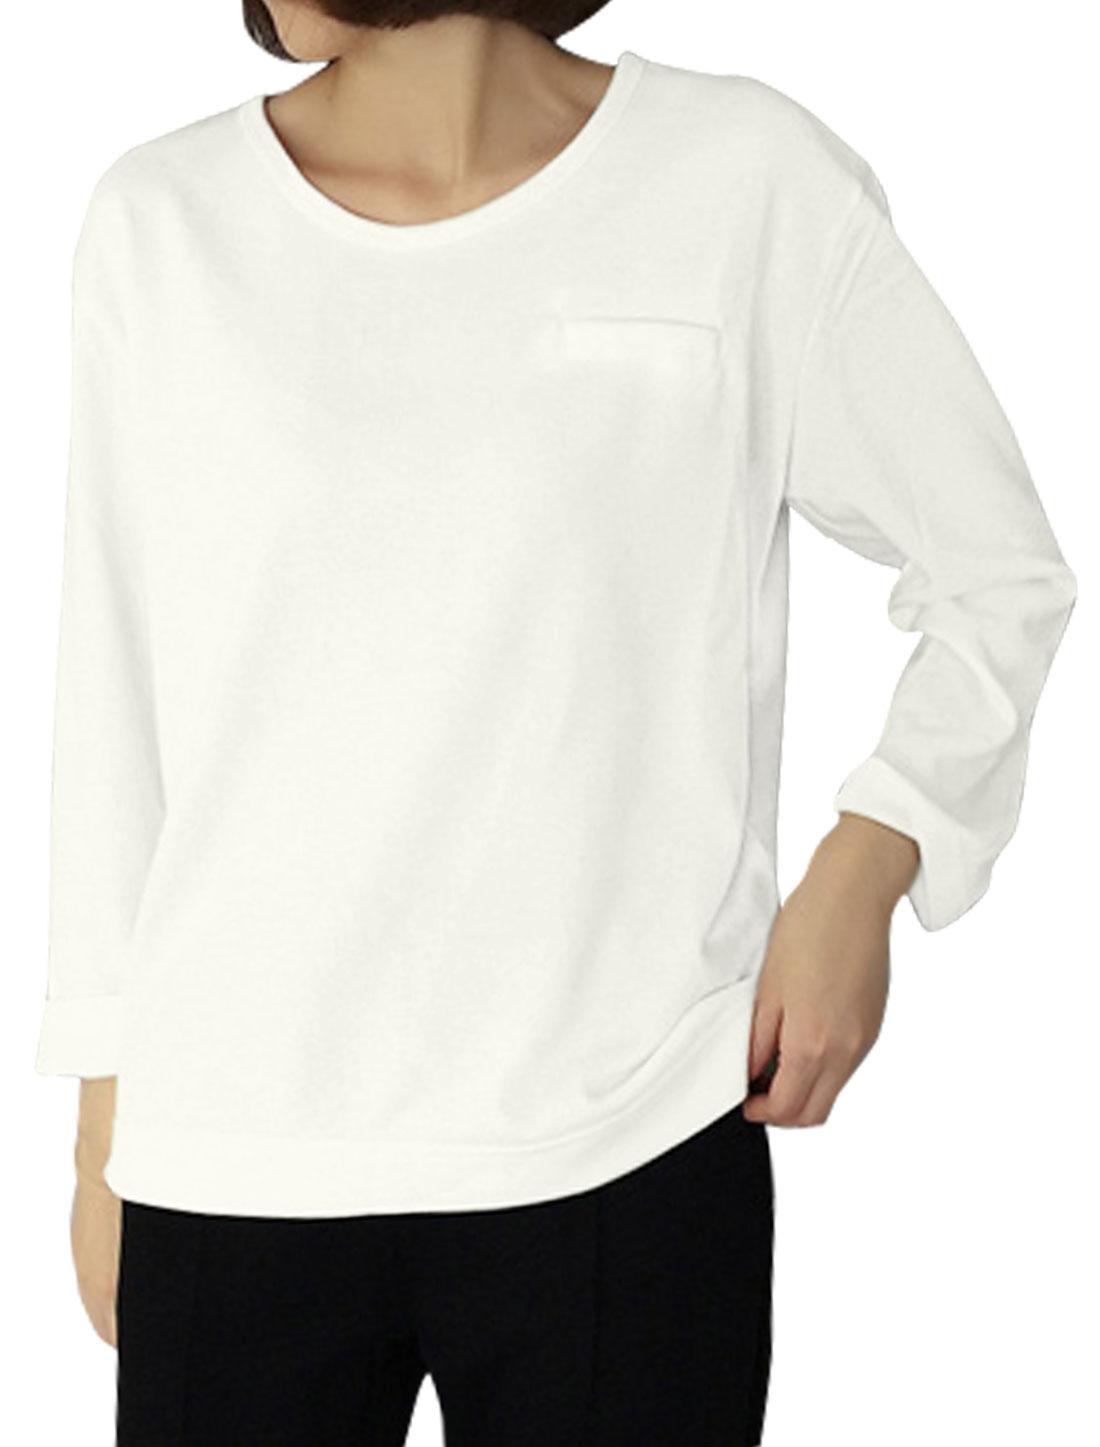 Ladies Mock Pocket Long Sleeves Loose Knit Shirt White XS